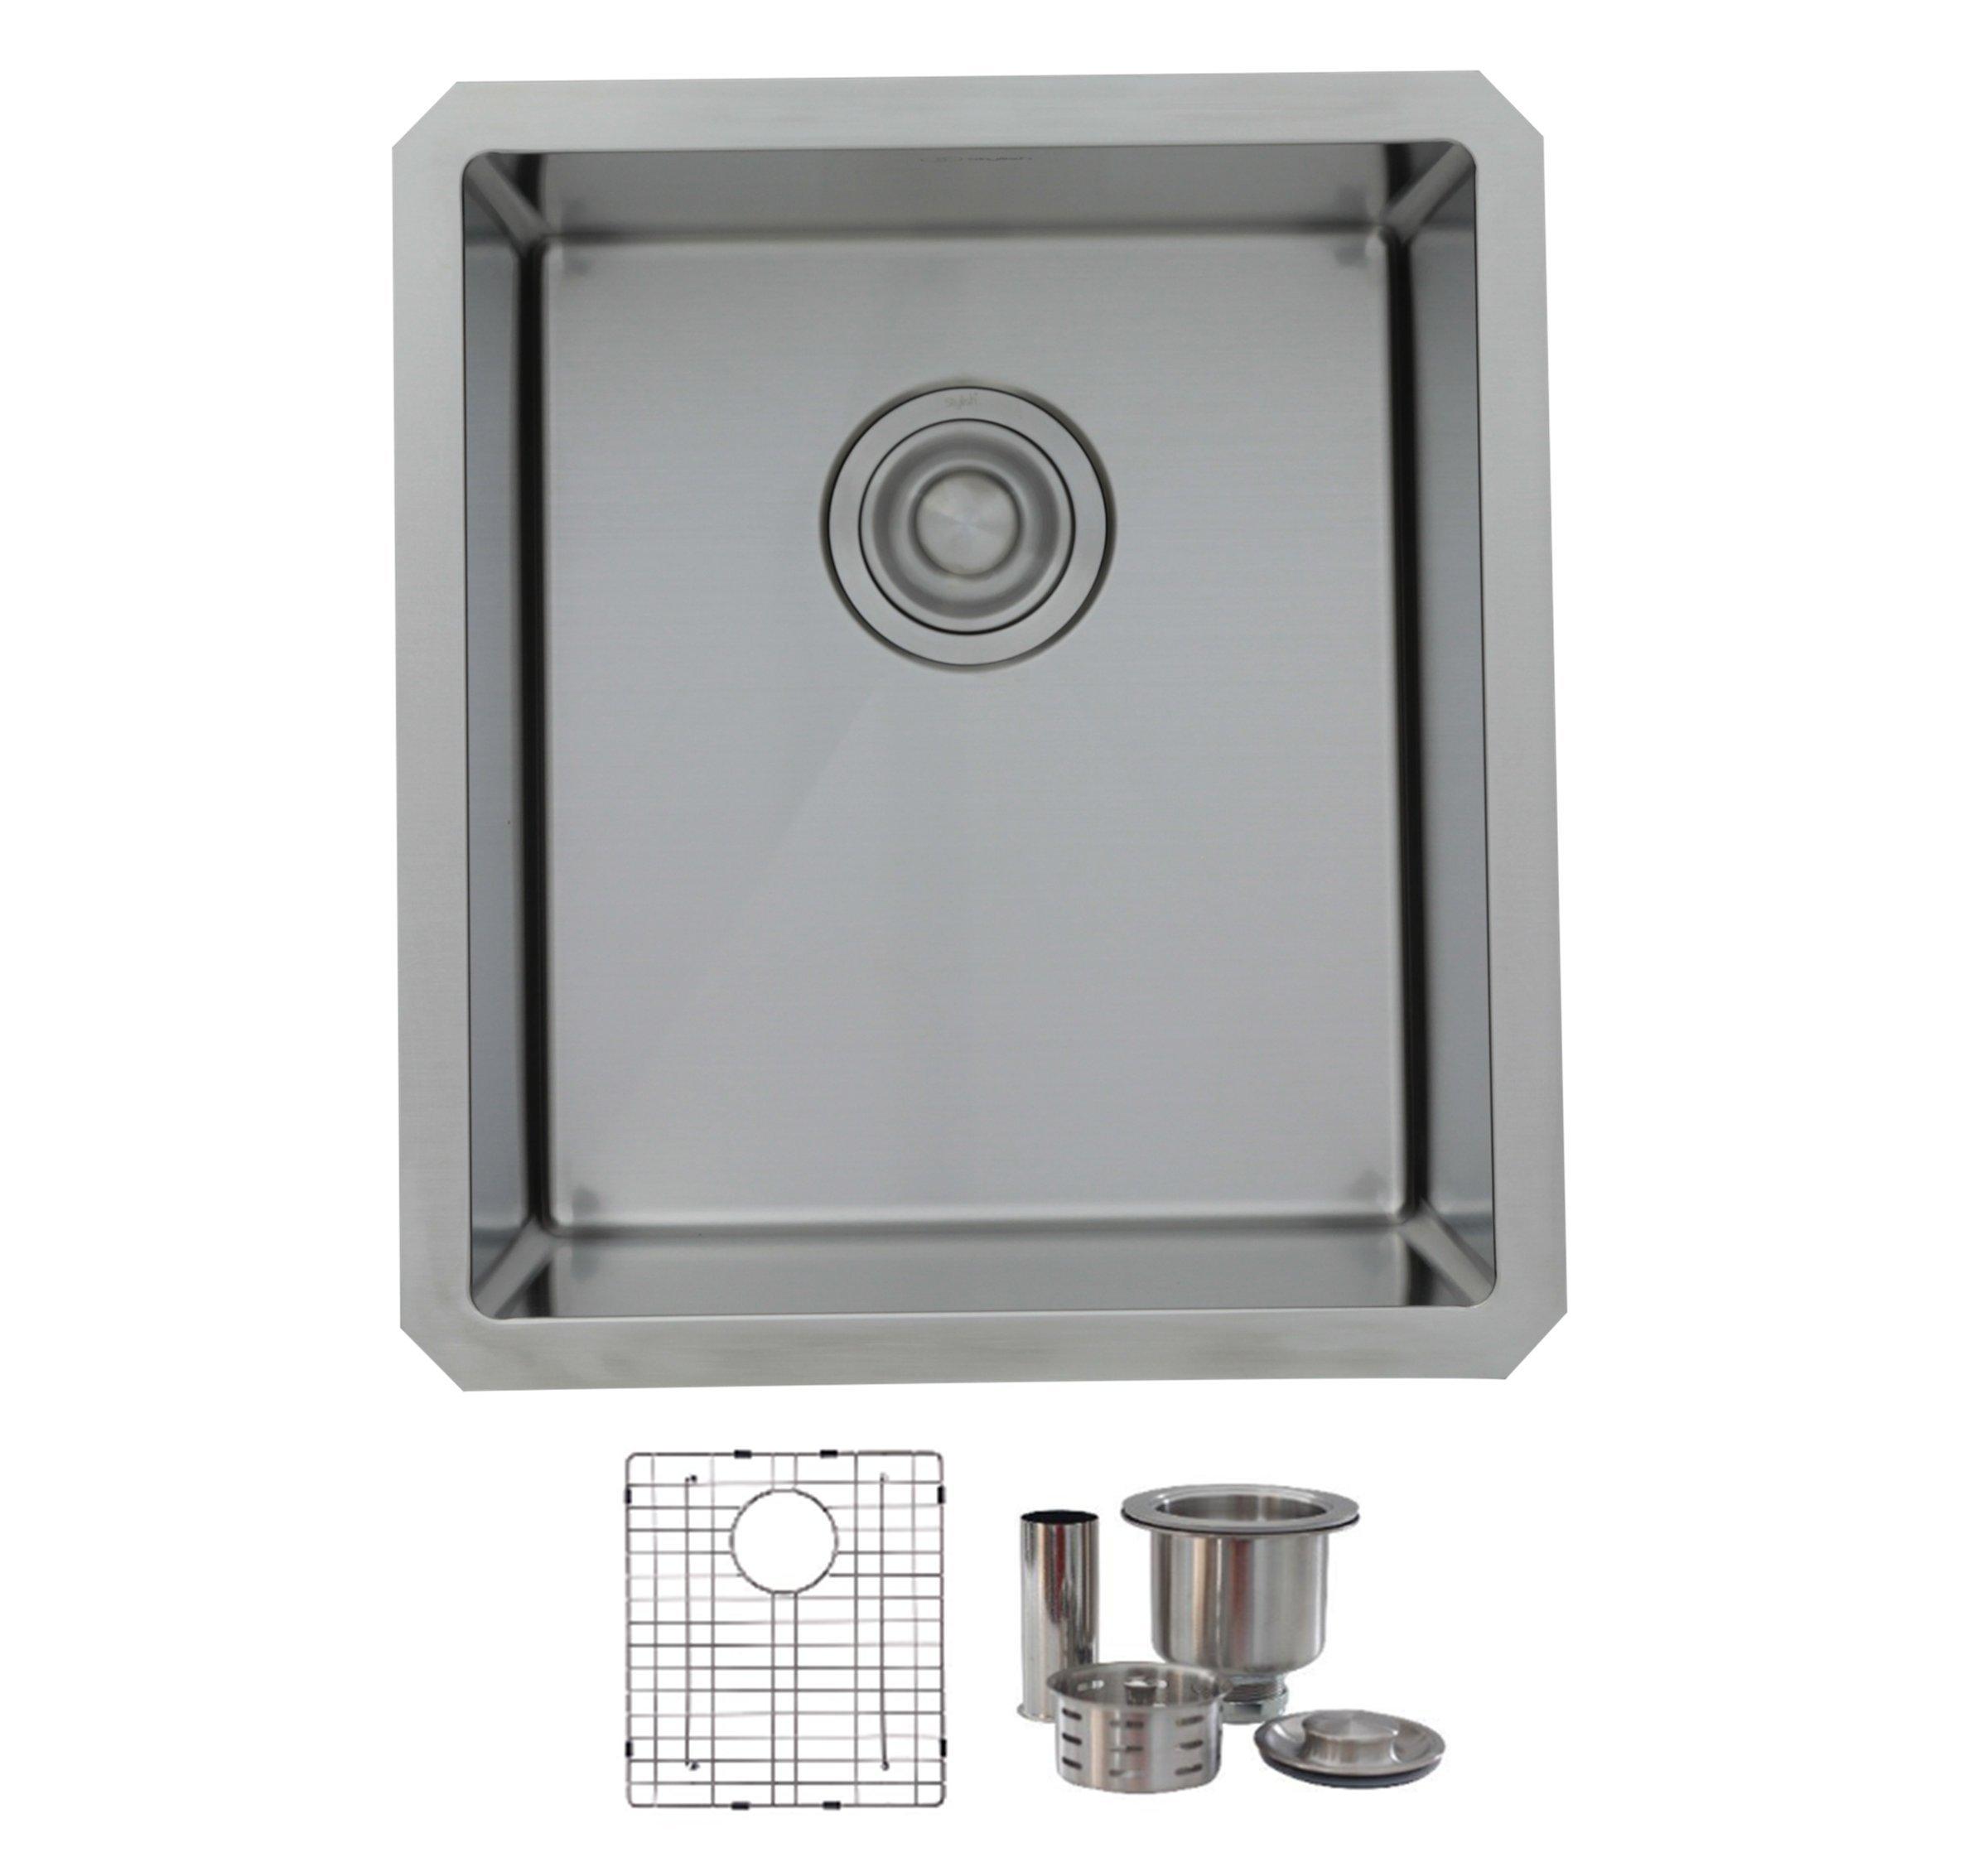 16 Inch Kitchen Bar Sink,18G Stainless Steel with luxury basket Strainer S-309G